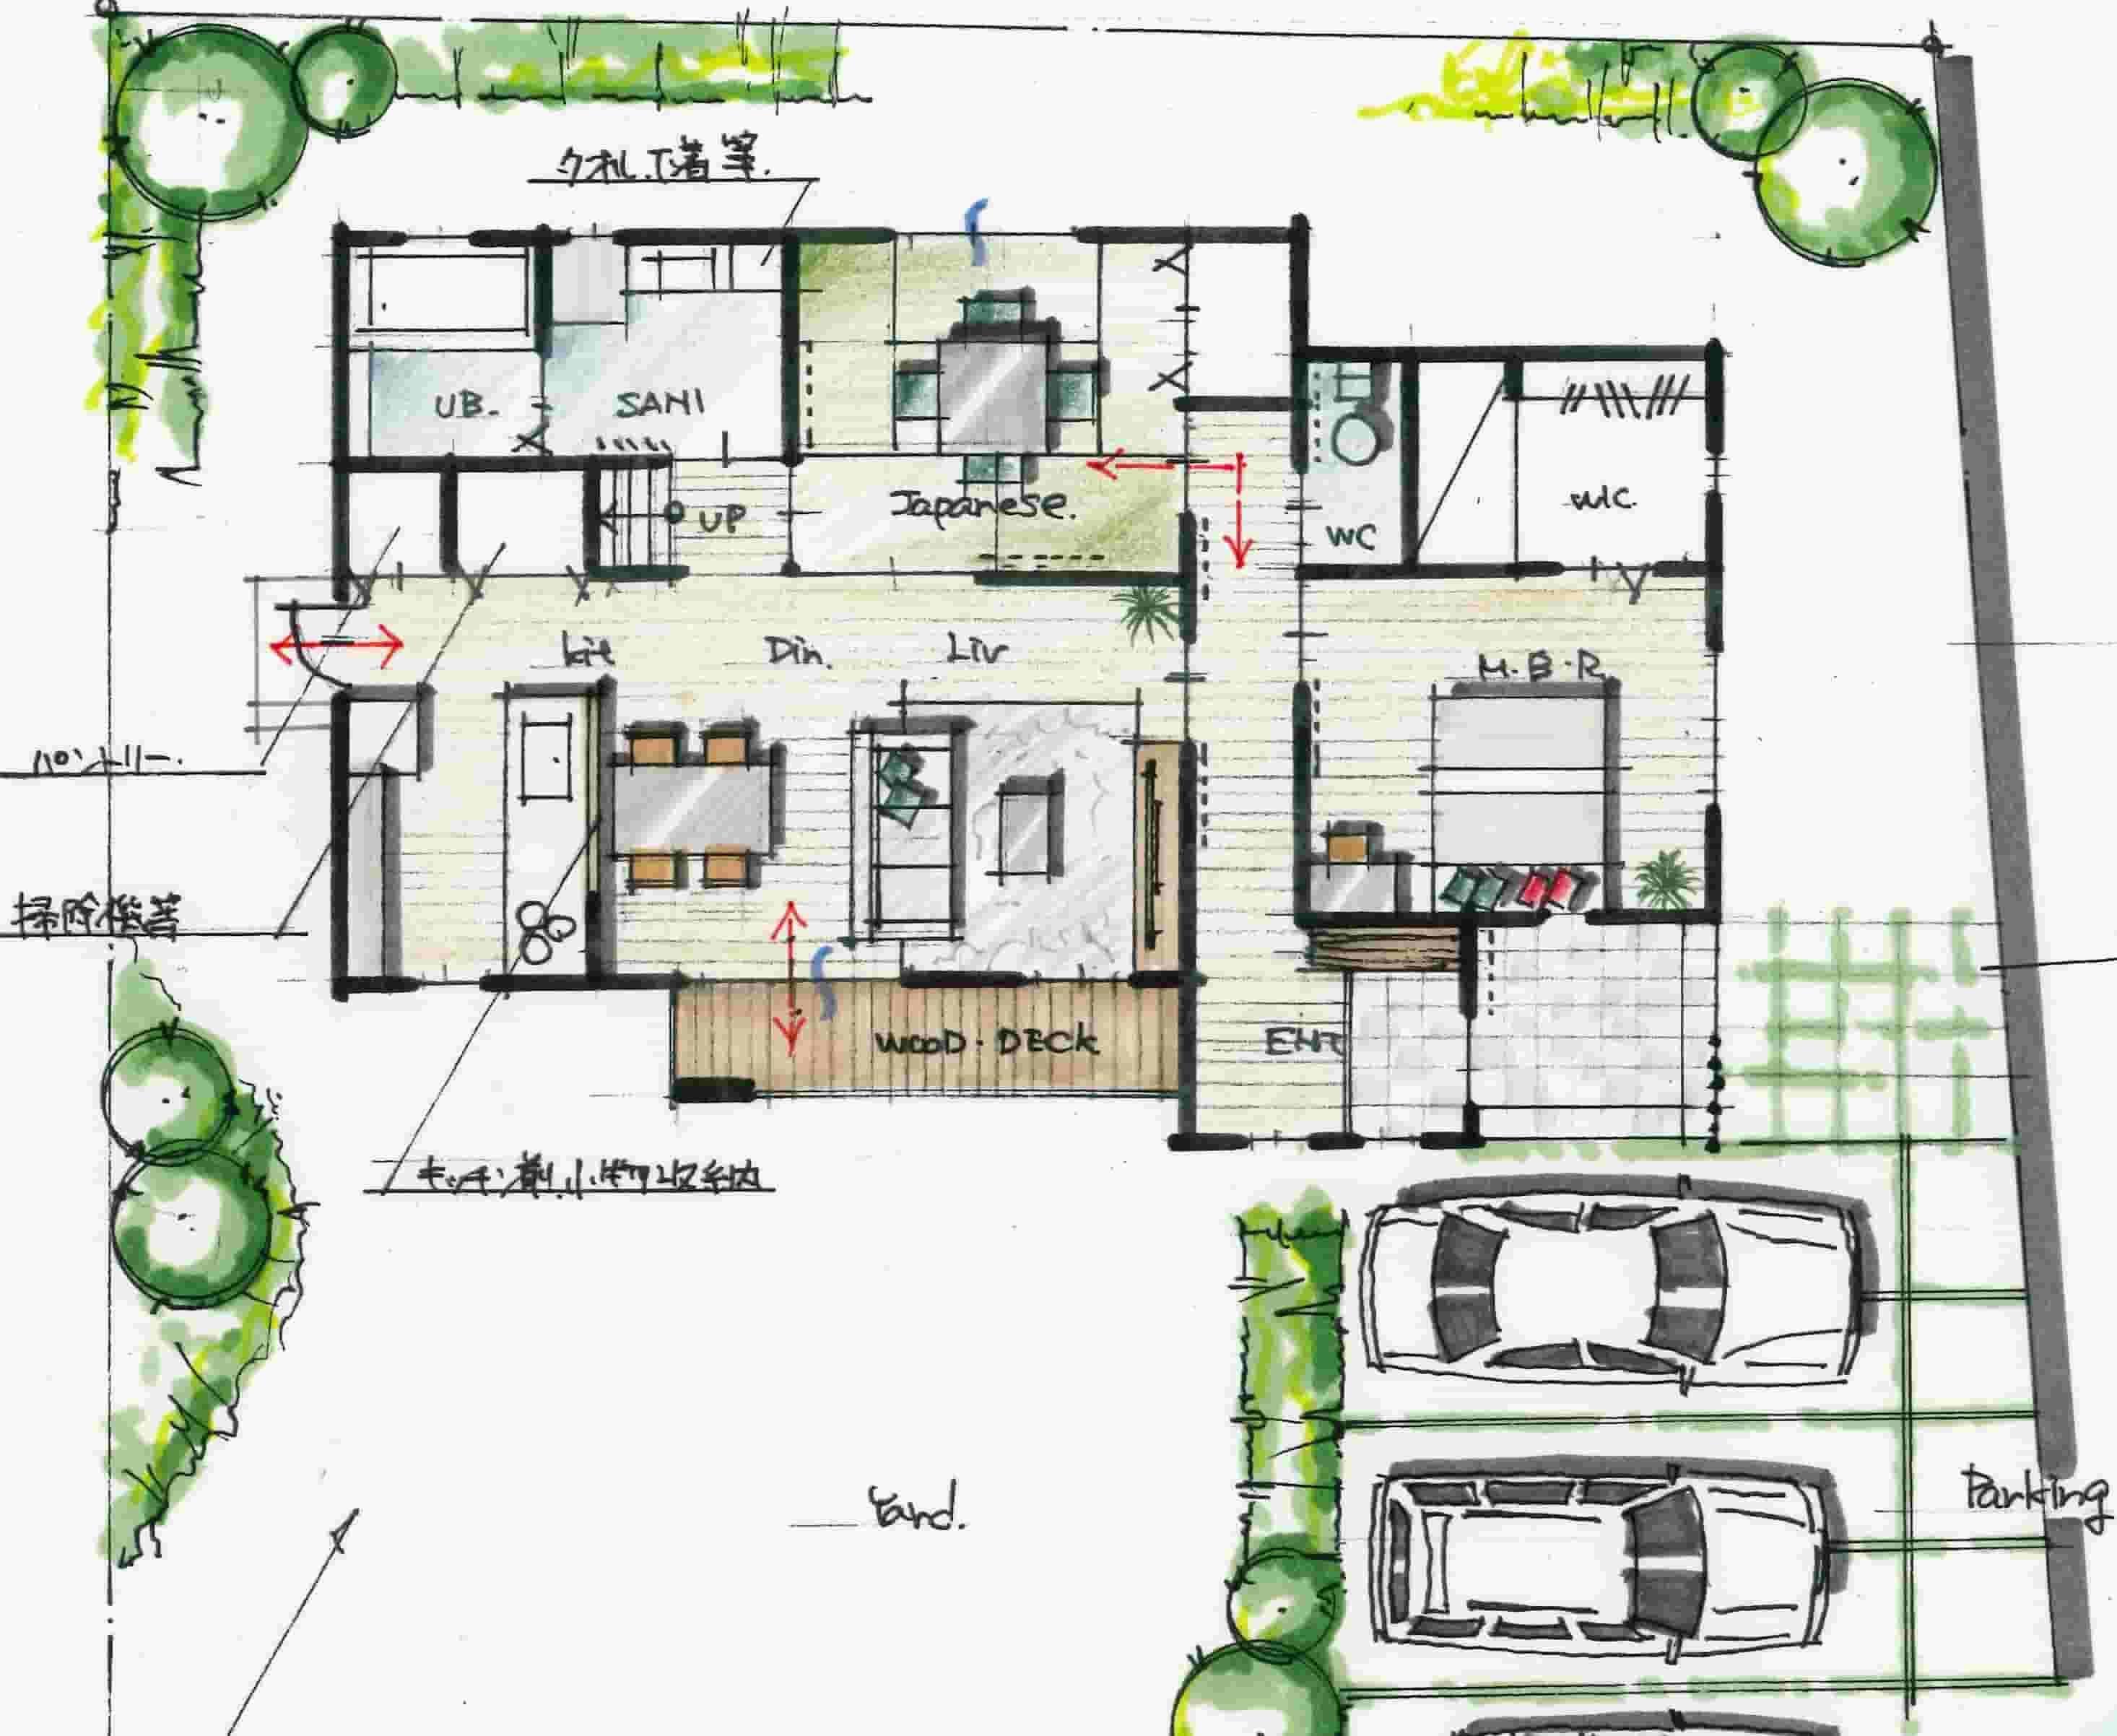 1階に寝室のある間取り(画像あり) | 間取り, 28坪 間取り, 1階